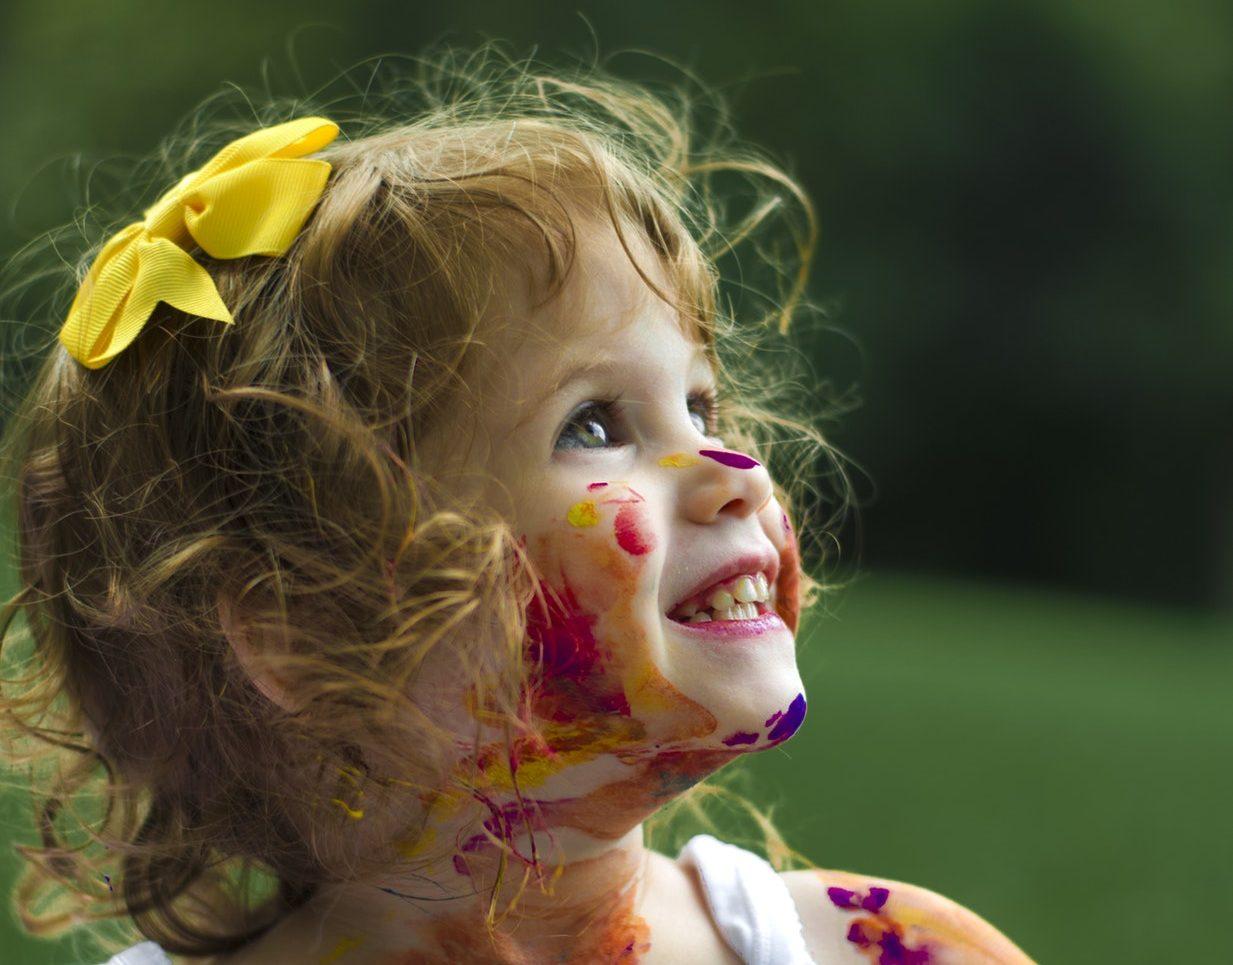 enfant souriant rayonnant créatif